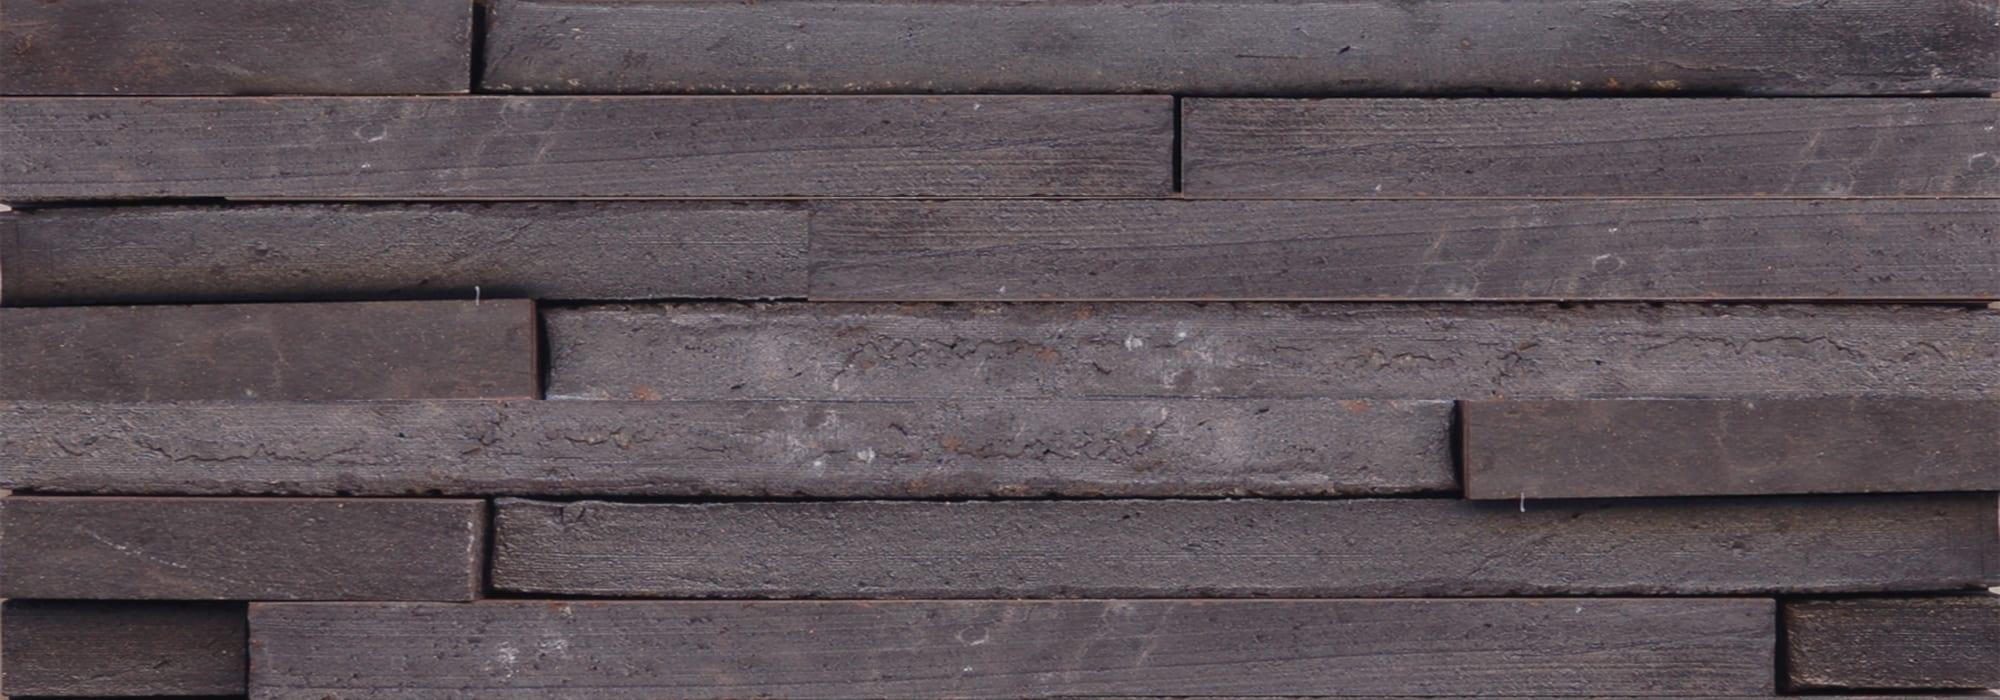 בריק סלייט שחור מפולח בלי פוגה by Milstone